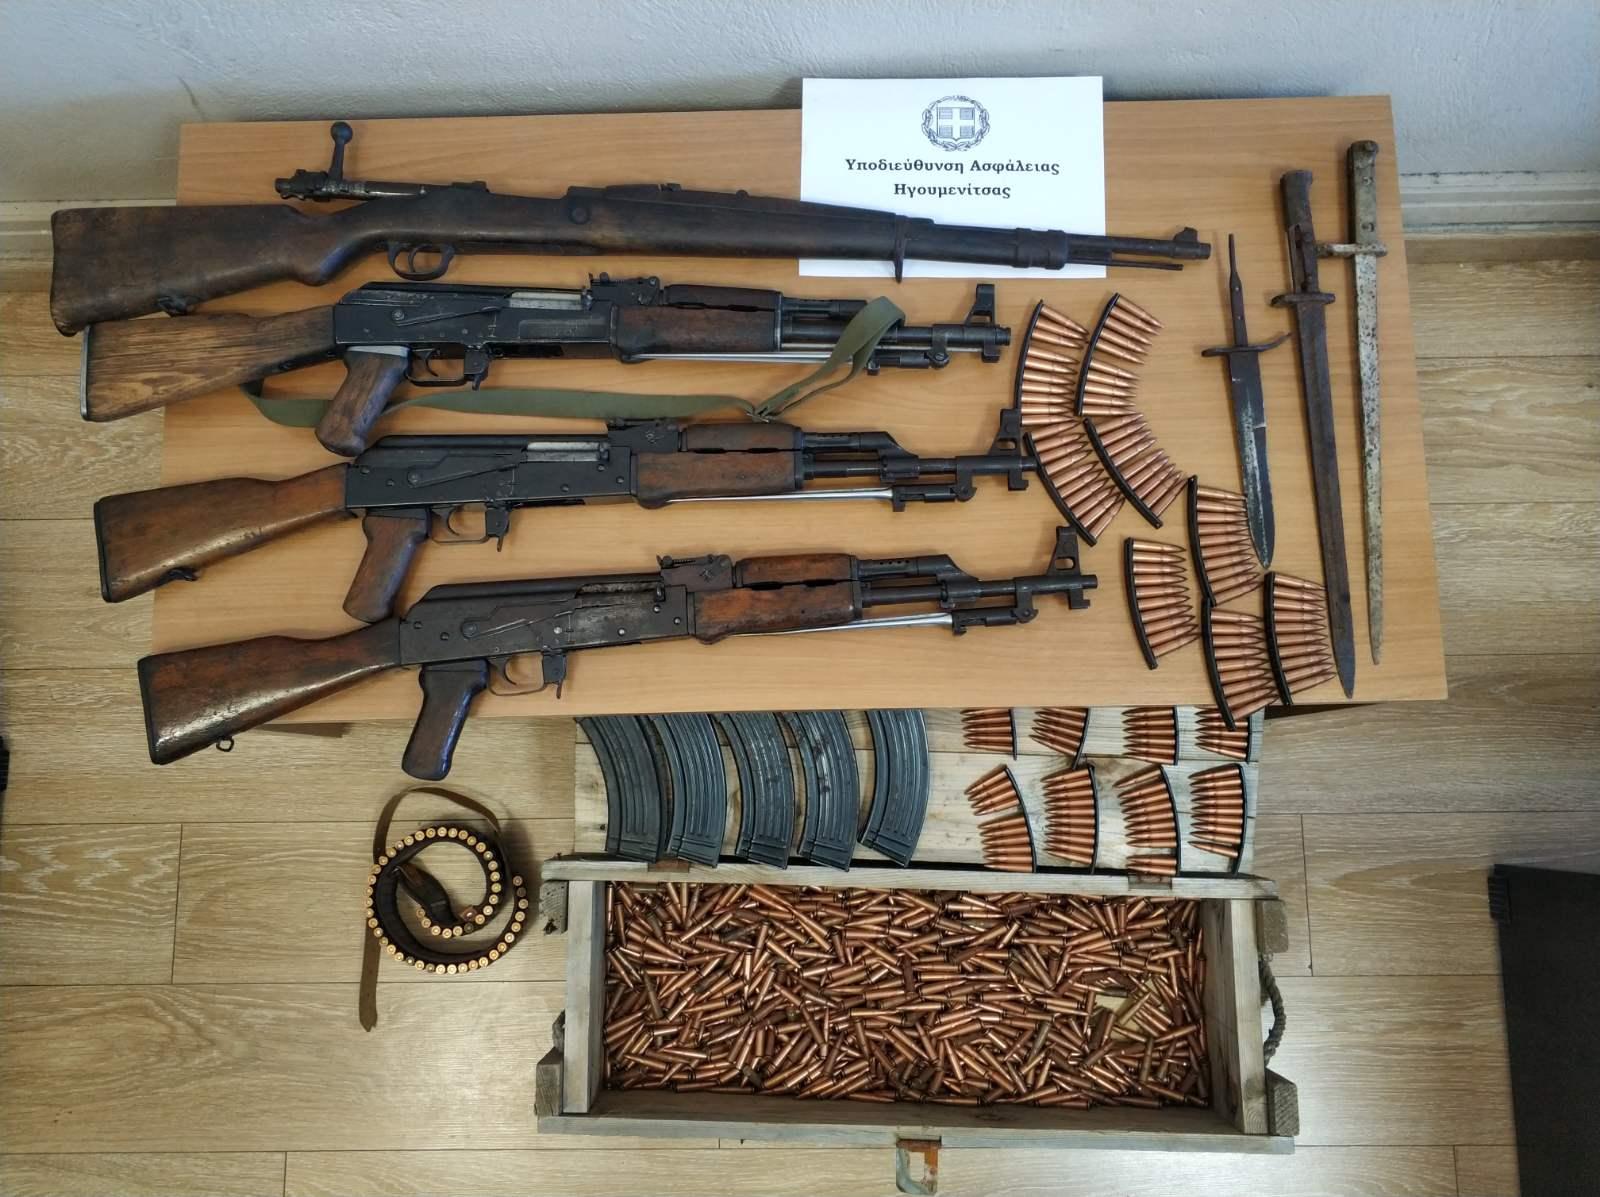 Ηγουμενίτσα: βοσκός είχε στο σπίτι του βαρύ πολεμικό οπλισμό